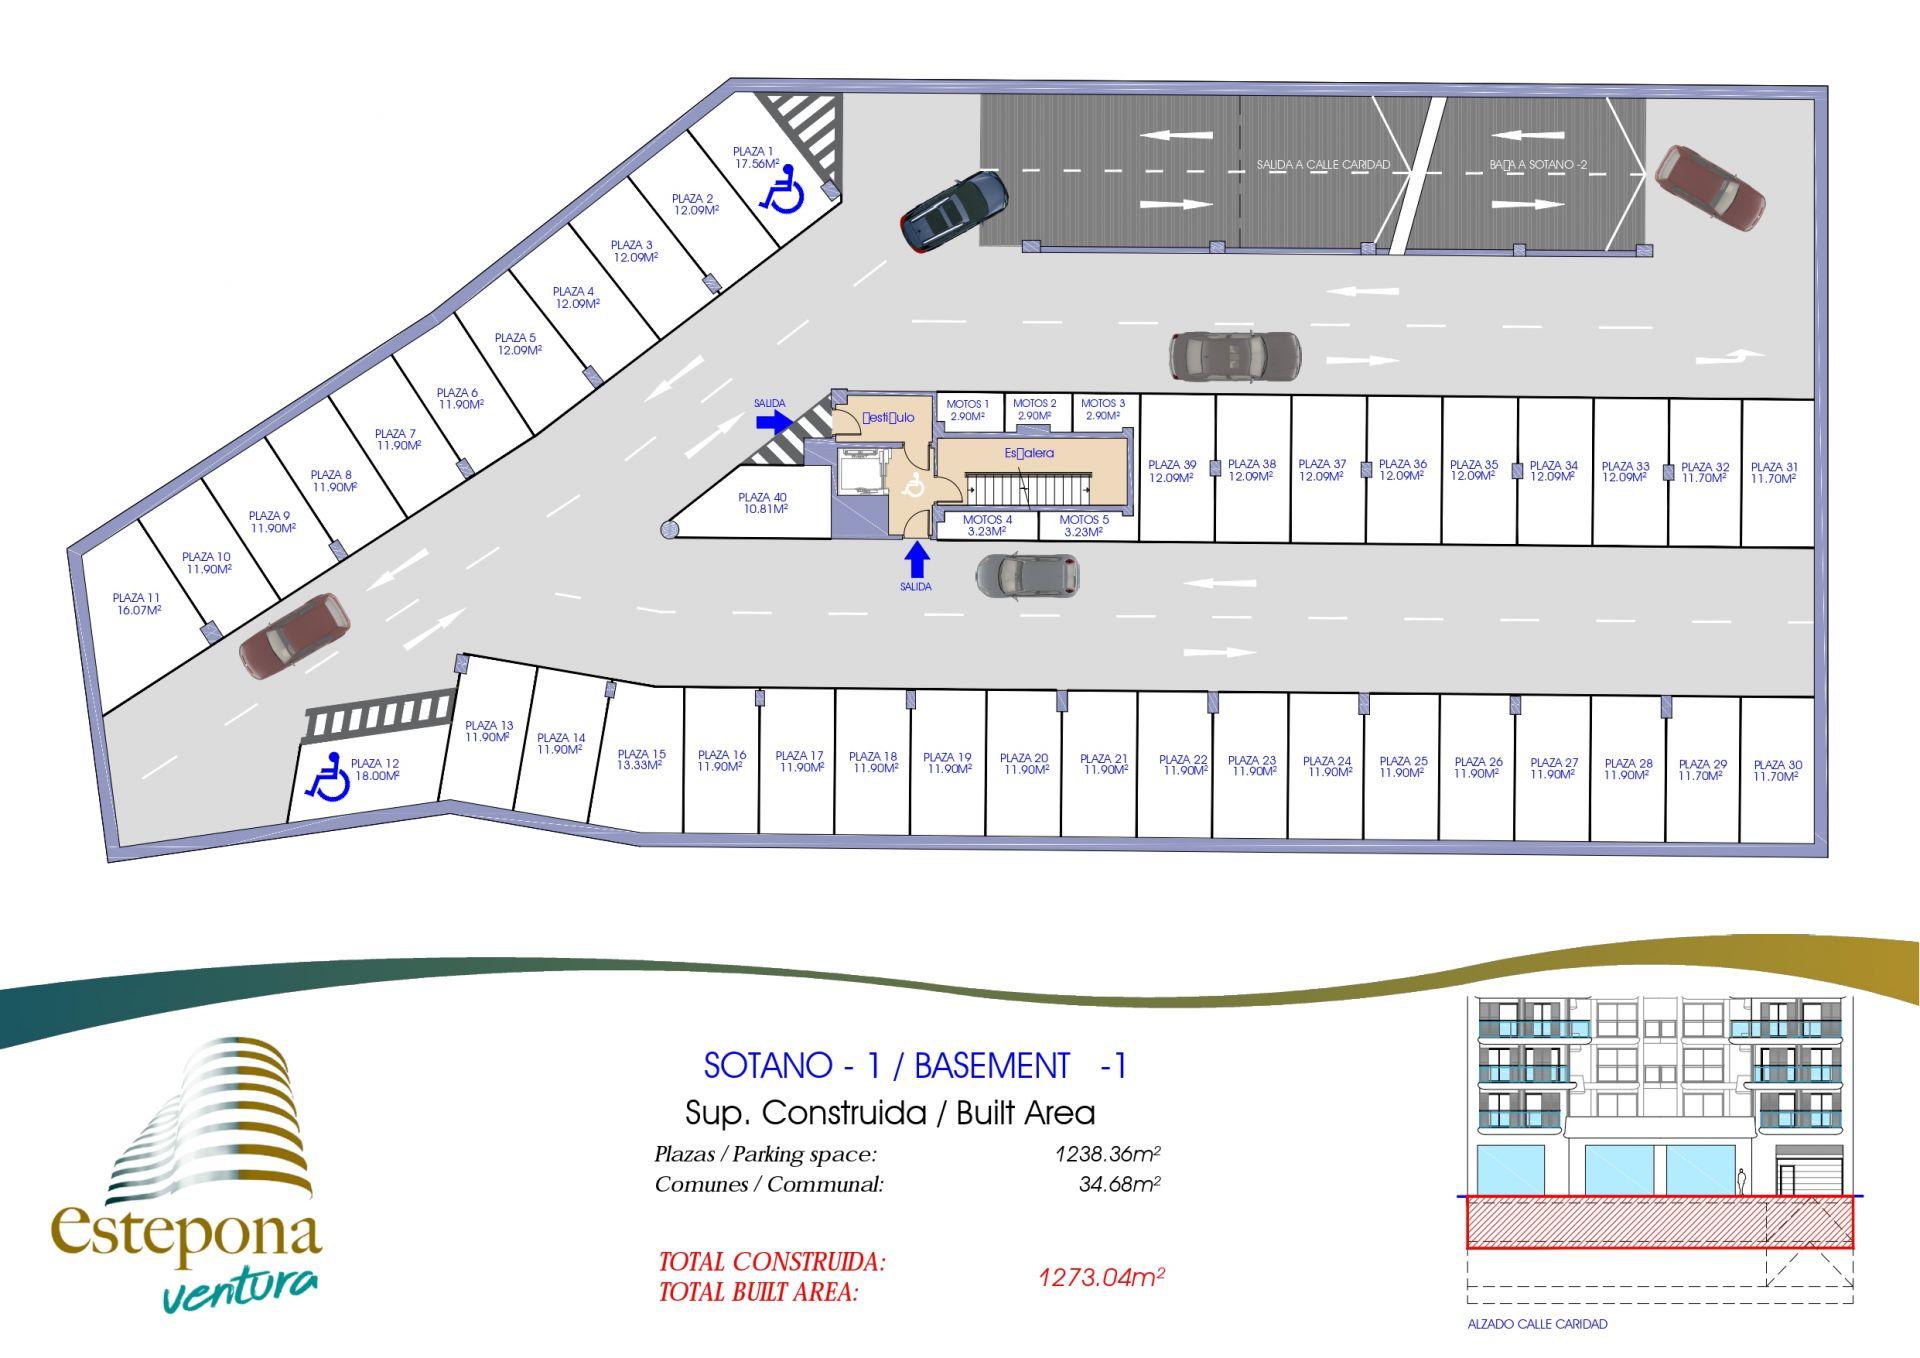 20200527 PLANOS DE VENTAS pages to jpg 0041 - Ventura Estepona | Compra de casa en Estepona